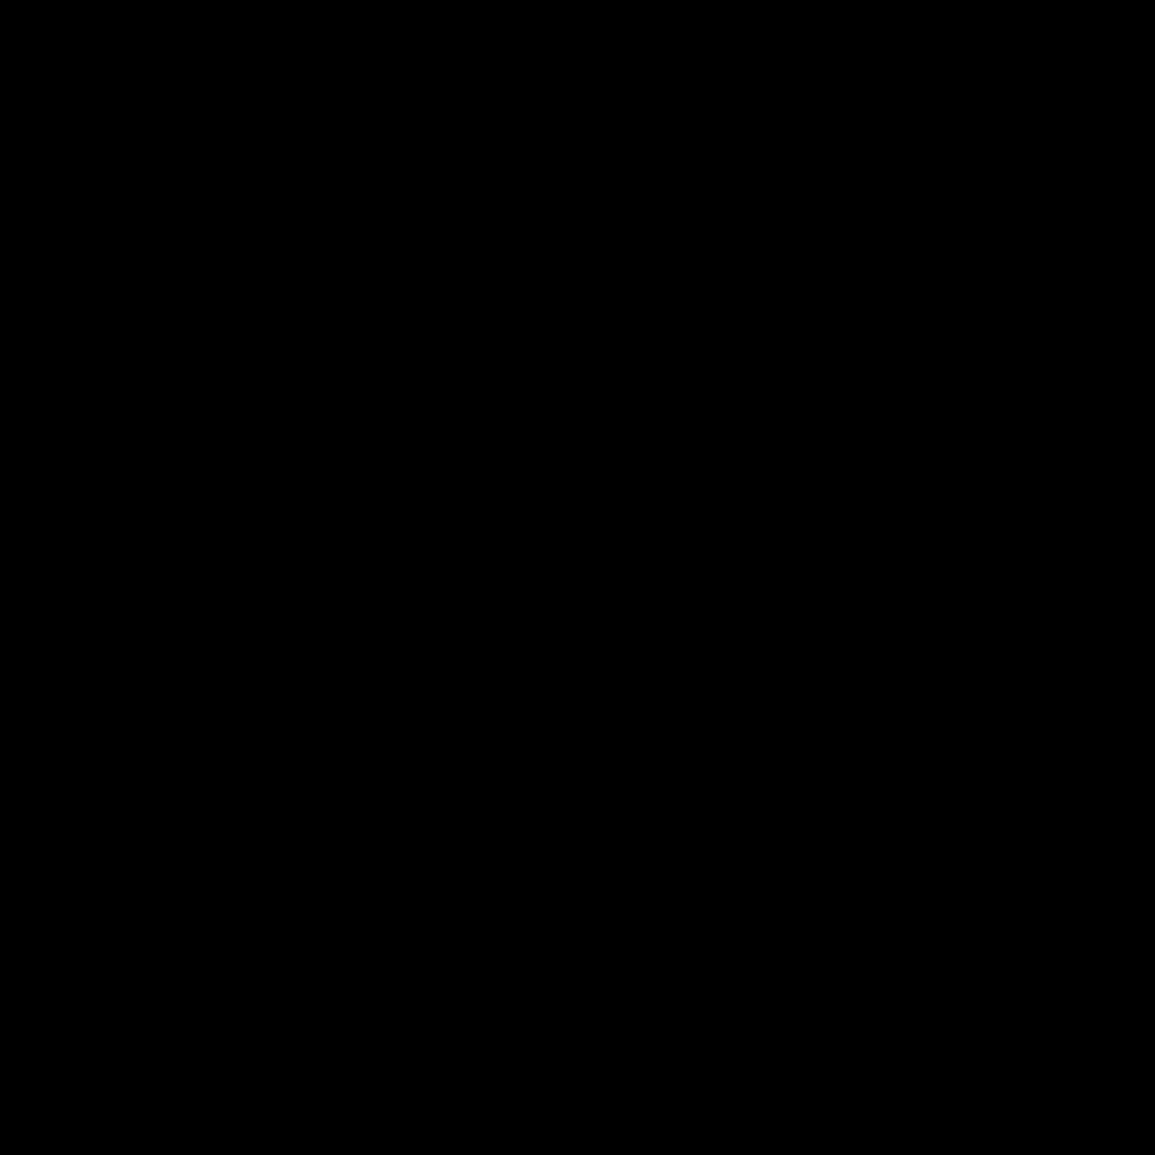 ゴカール U(かな) UGC 字形見本